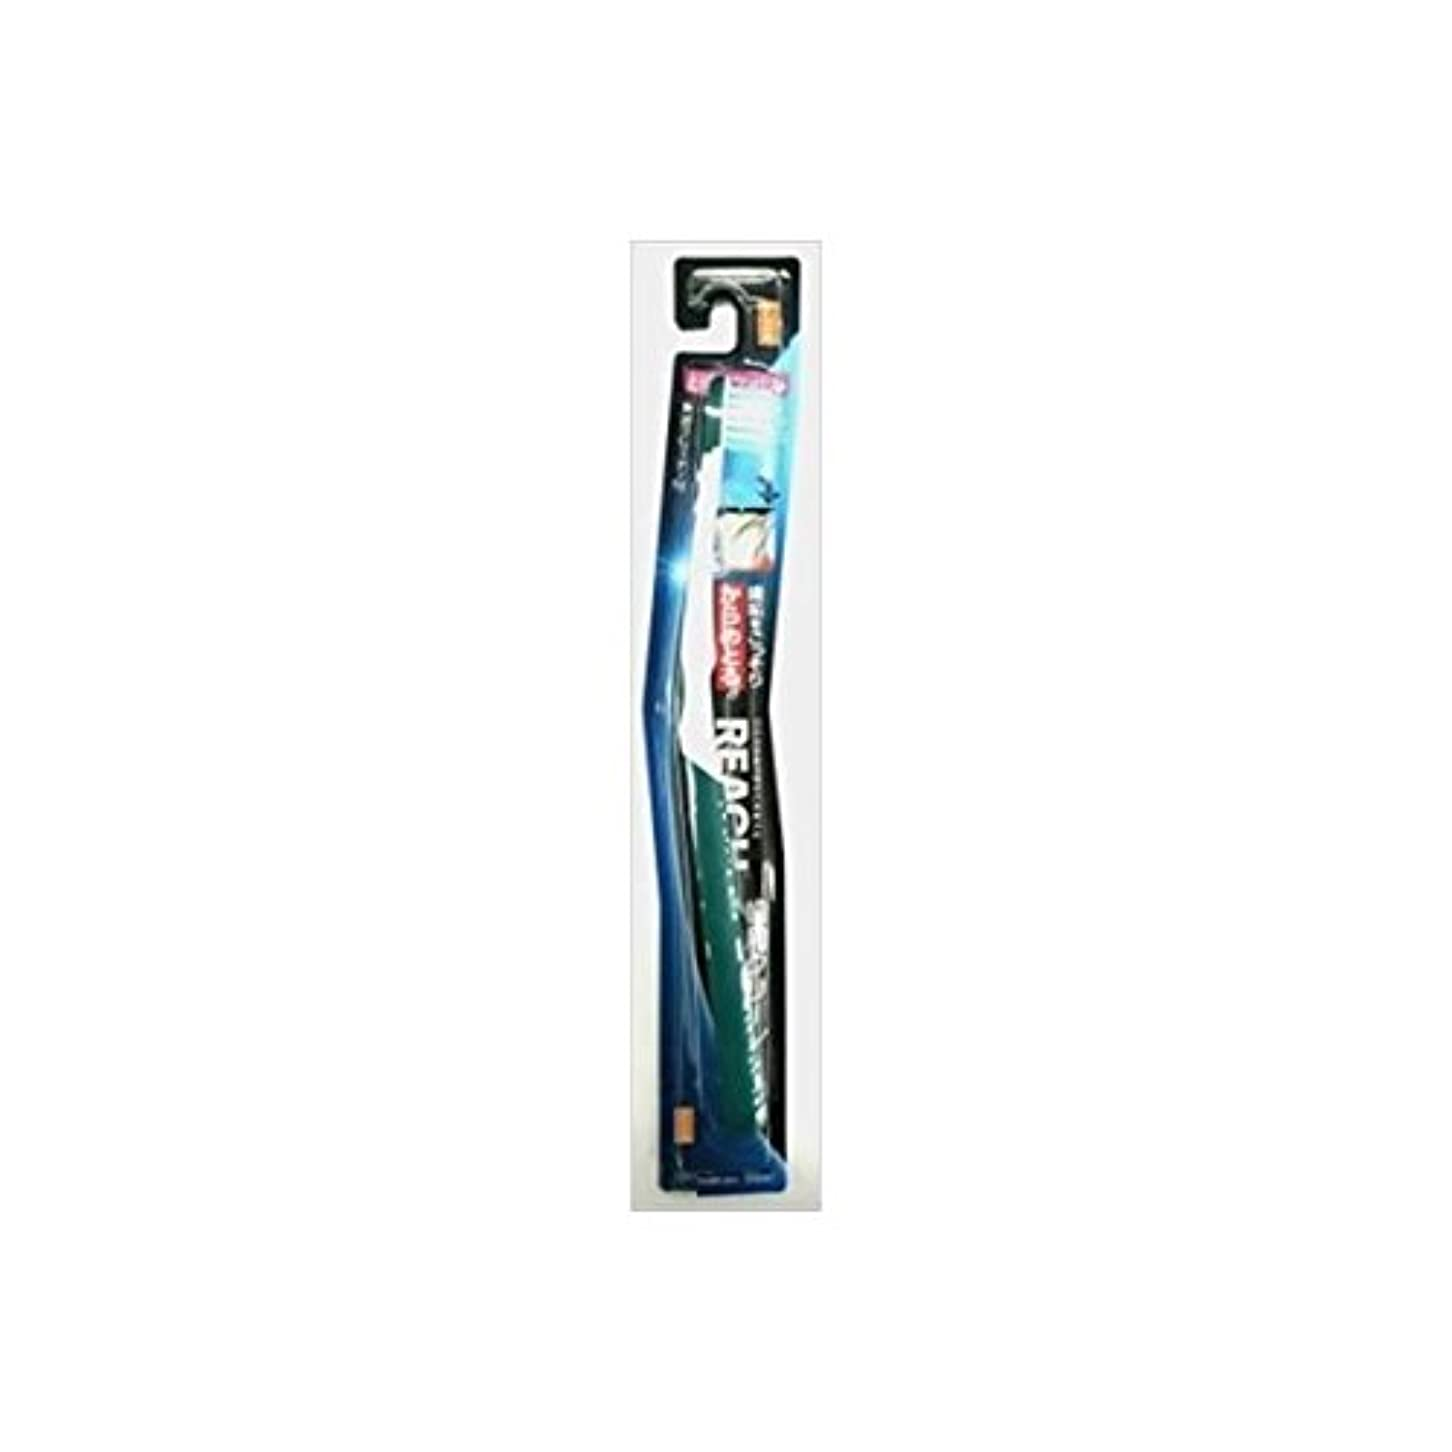 安西スチール清める銀座ステファニー リーチ 歯周クリーン とってもコンパクト やわらかめ × 5 点セット ds-2001351